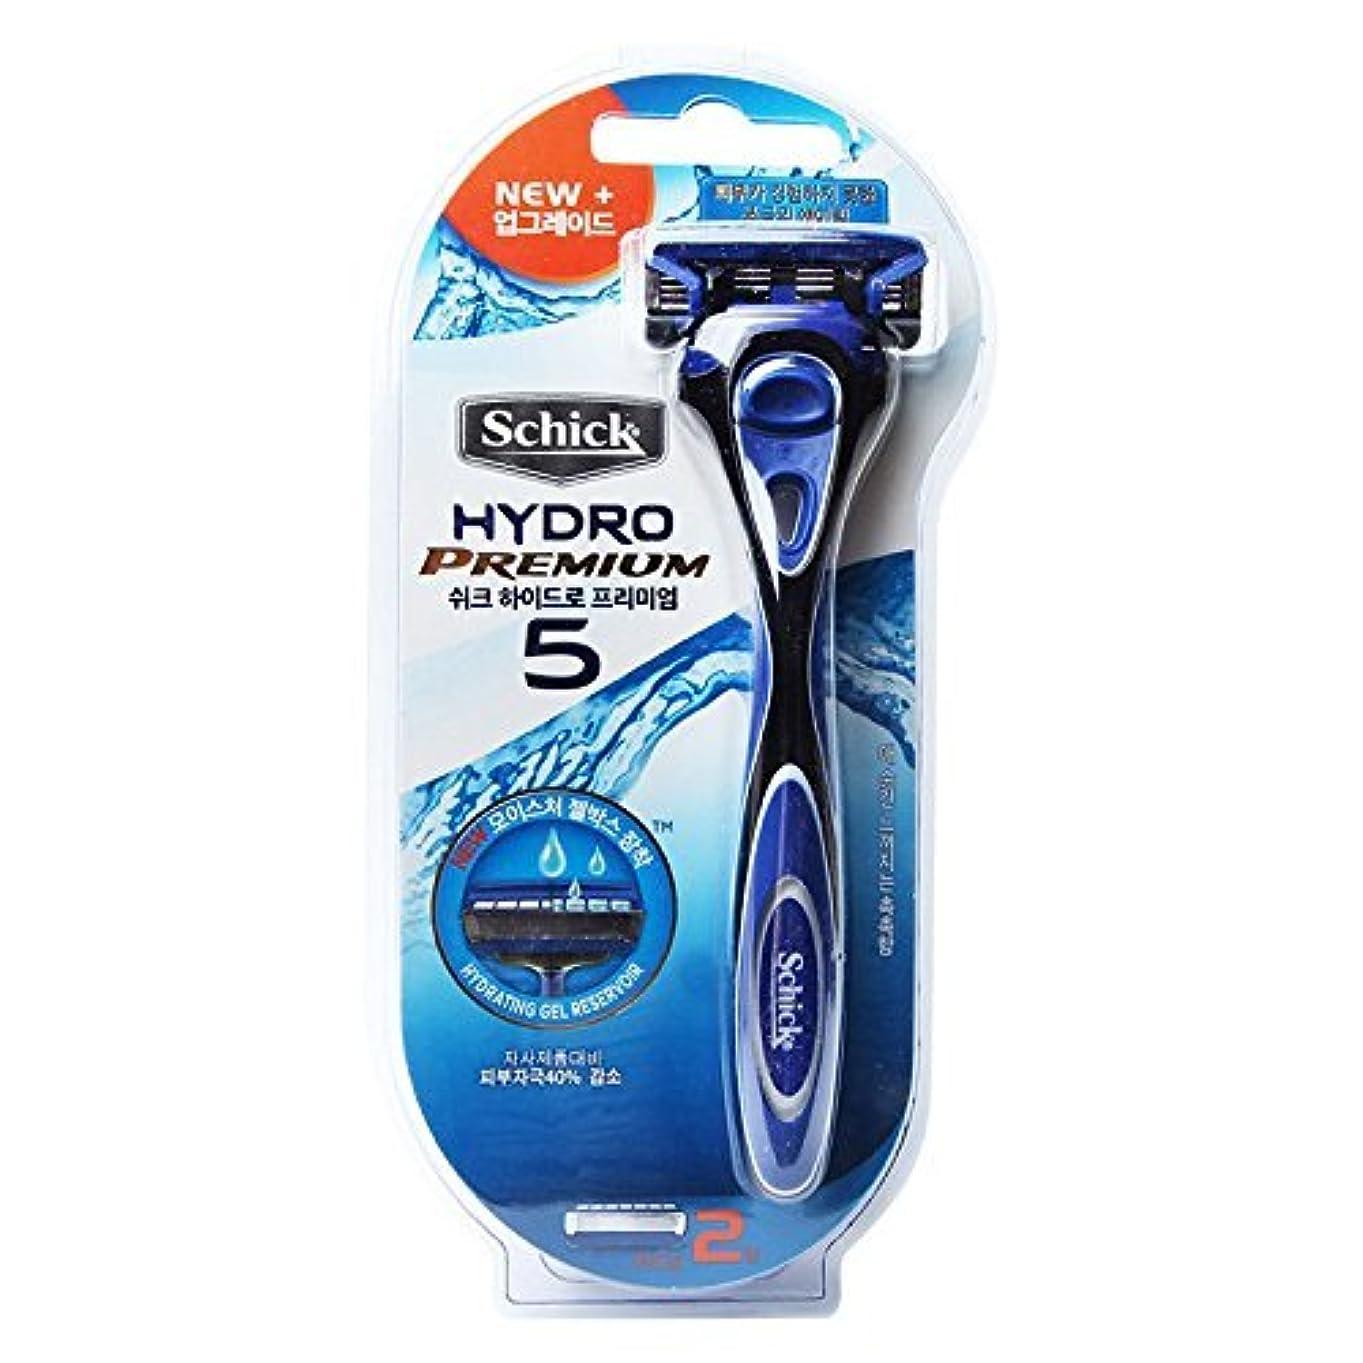 終了しましたほこりっぽいブレスSchick Hydro 5 Premium トリマーで男性と2カミソリ詰め替え用カミソリ [並行輸入品]